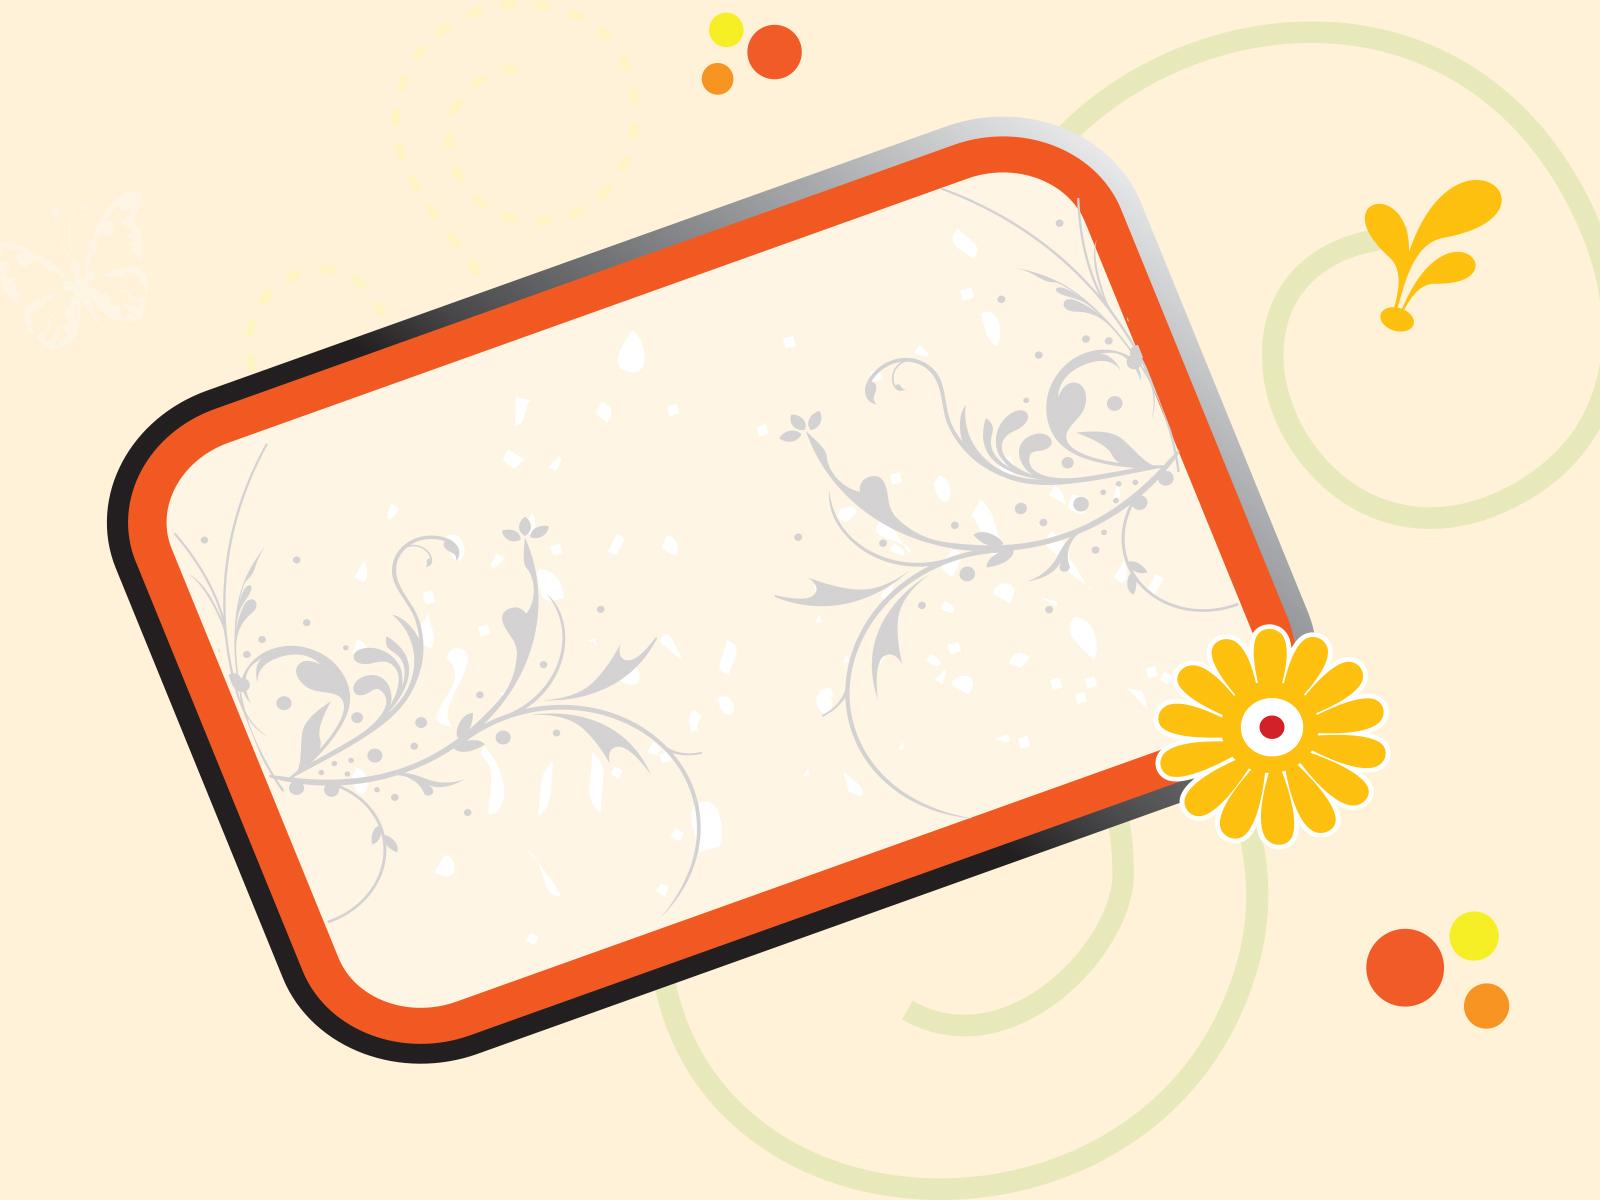 Cool Floral Frame Backgrounds